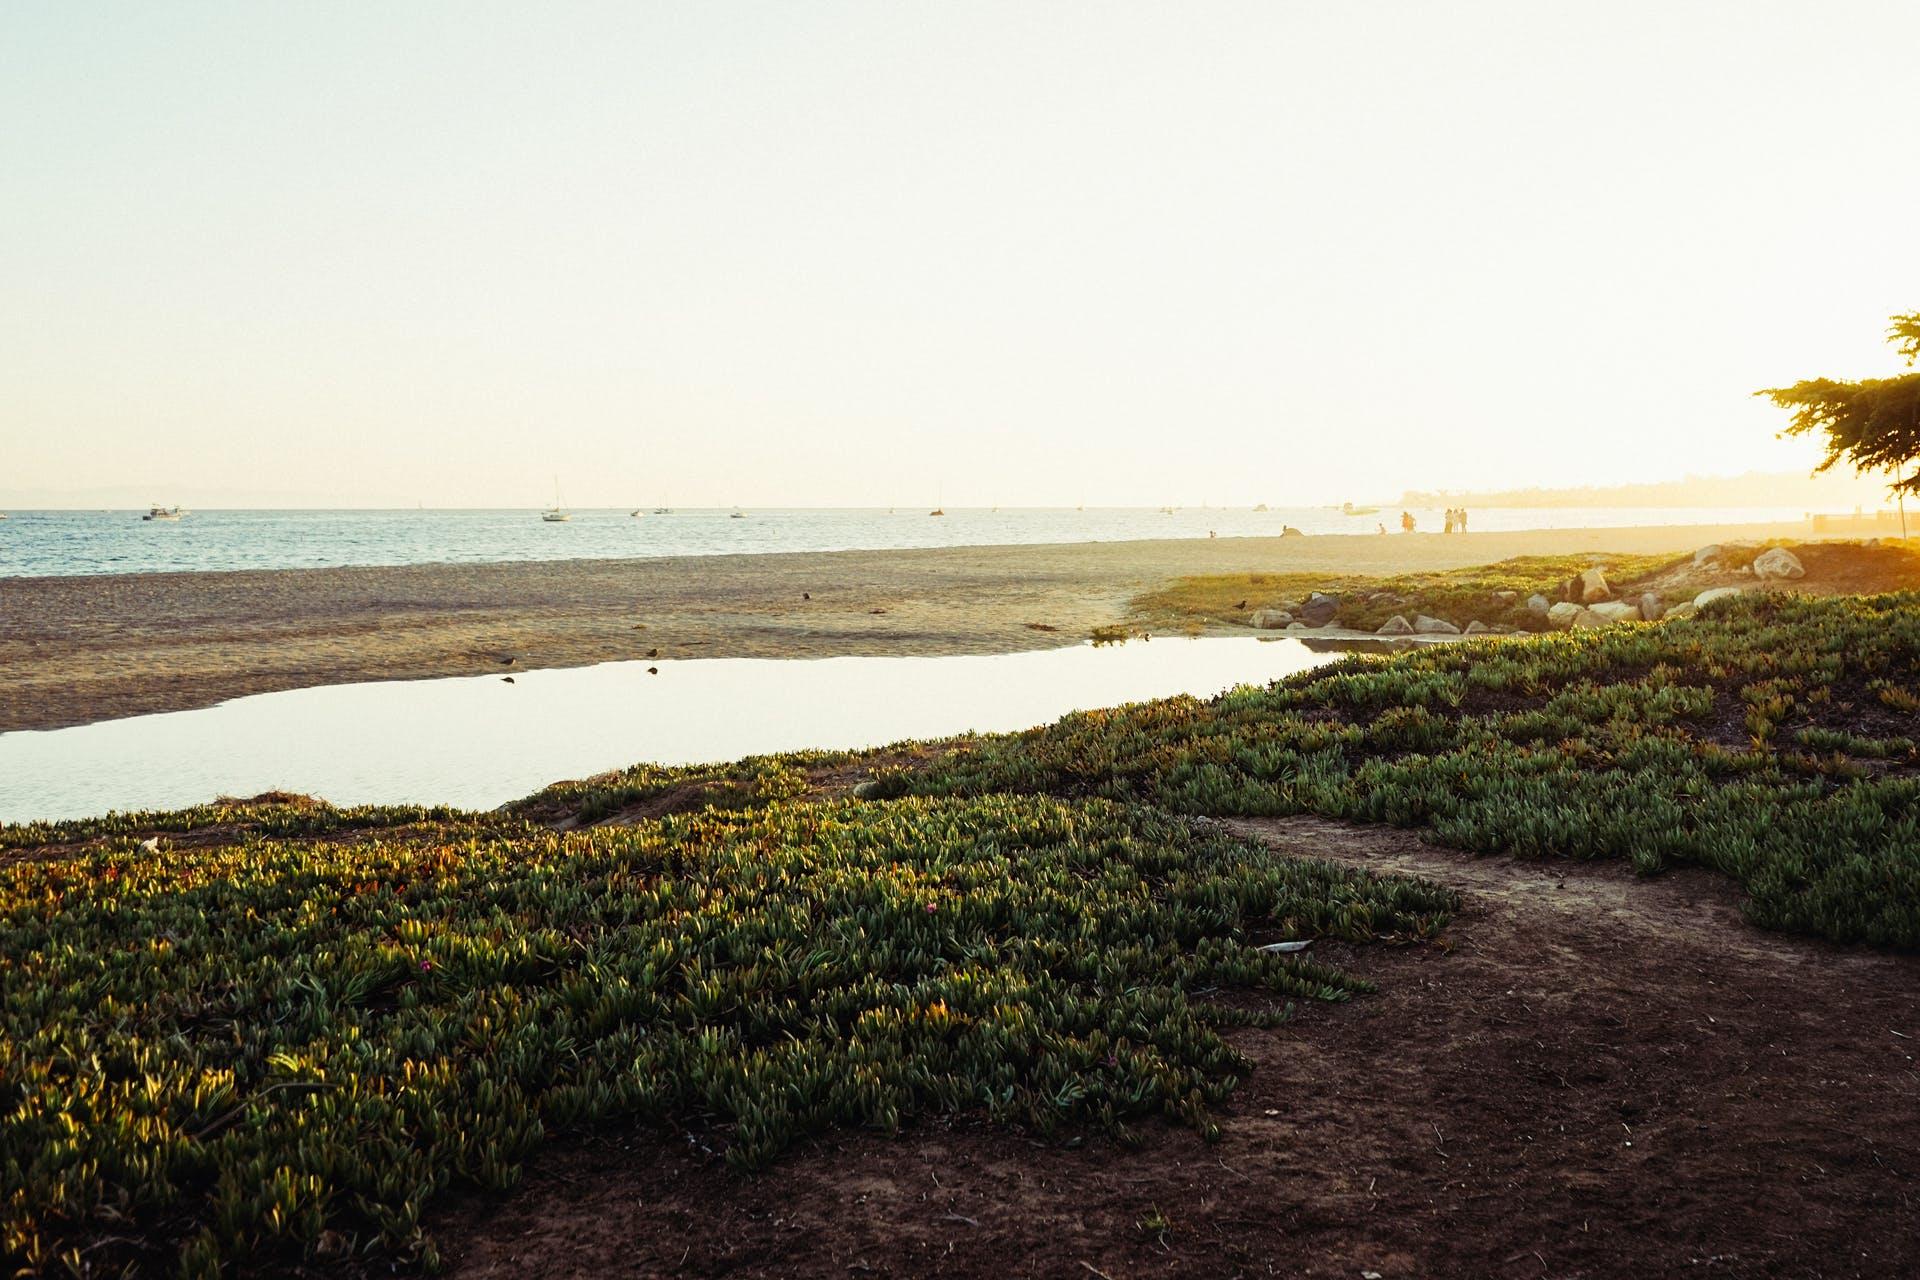 deniz, deniz kıyısı, deniz manzarası